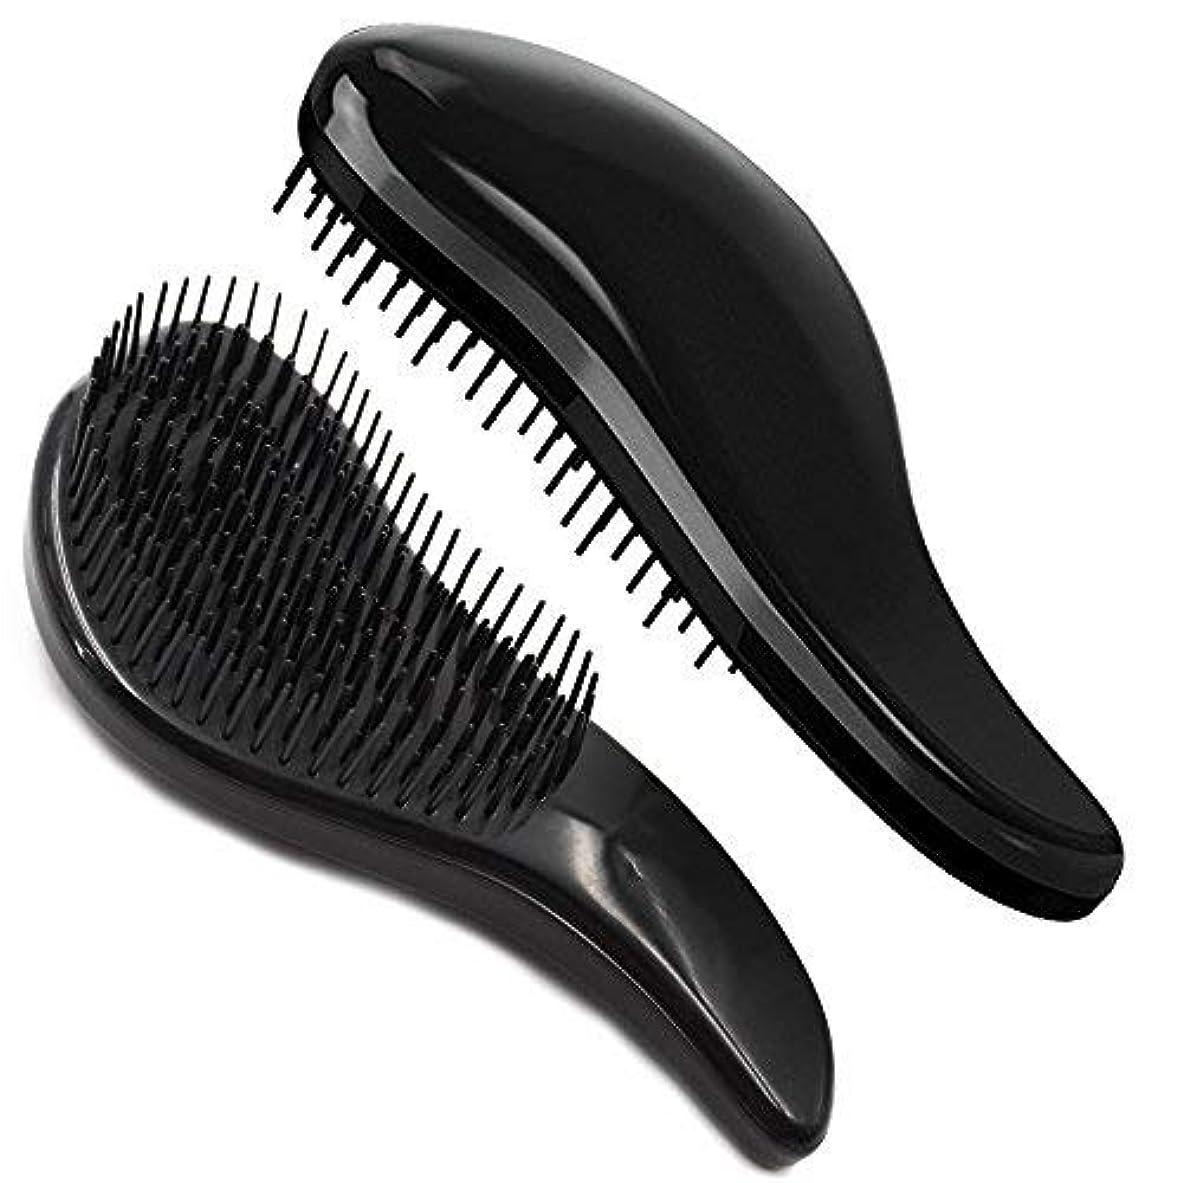 セットするステップモンスターBrush Master Detangler Hair Comb Hair Brush for Wet Hair Curly Hair Straight Hair for Women Men Kids Black [並行輸入品]